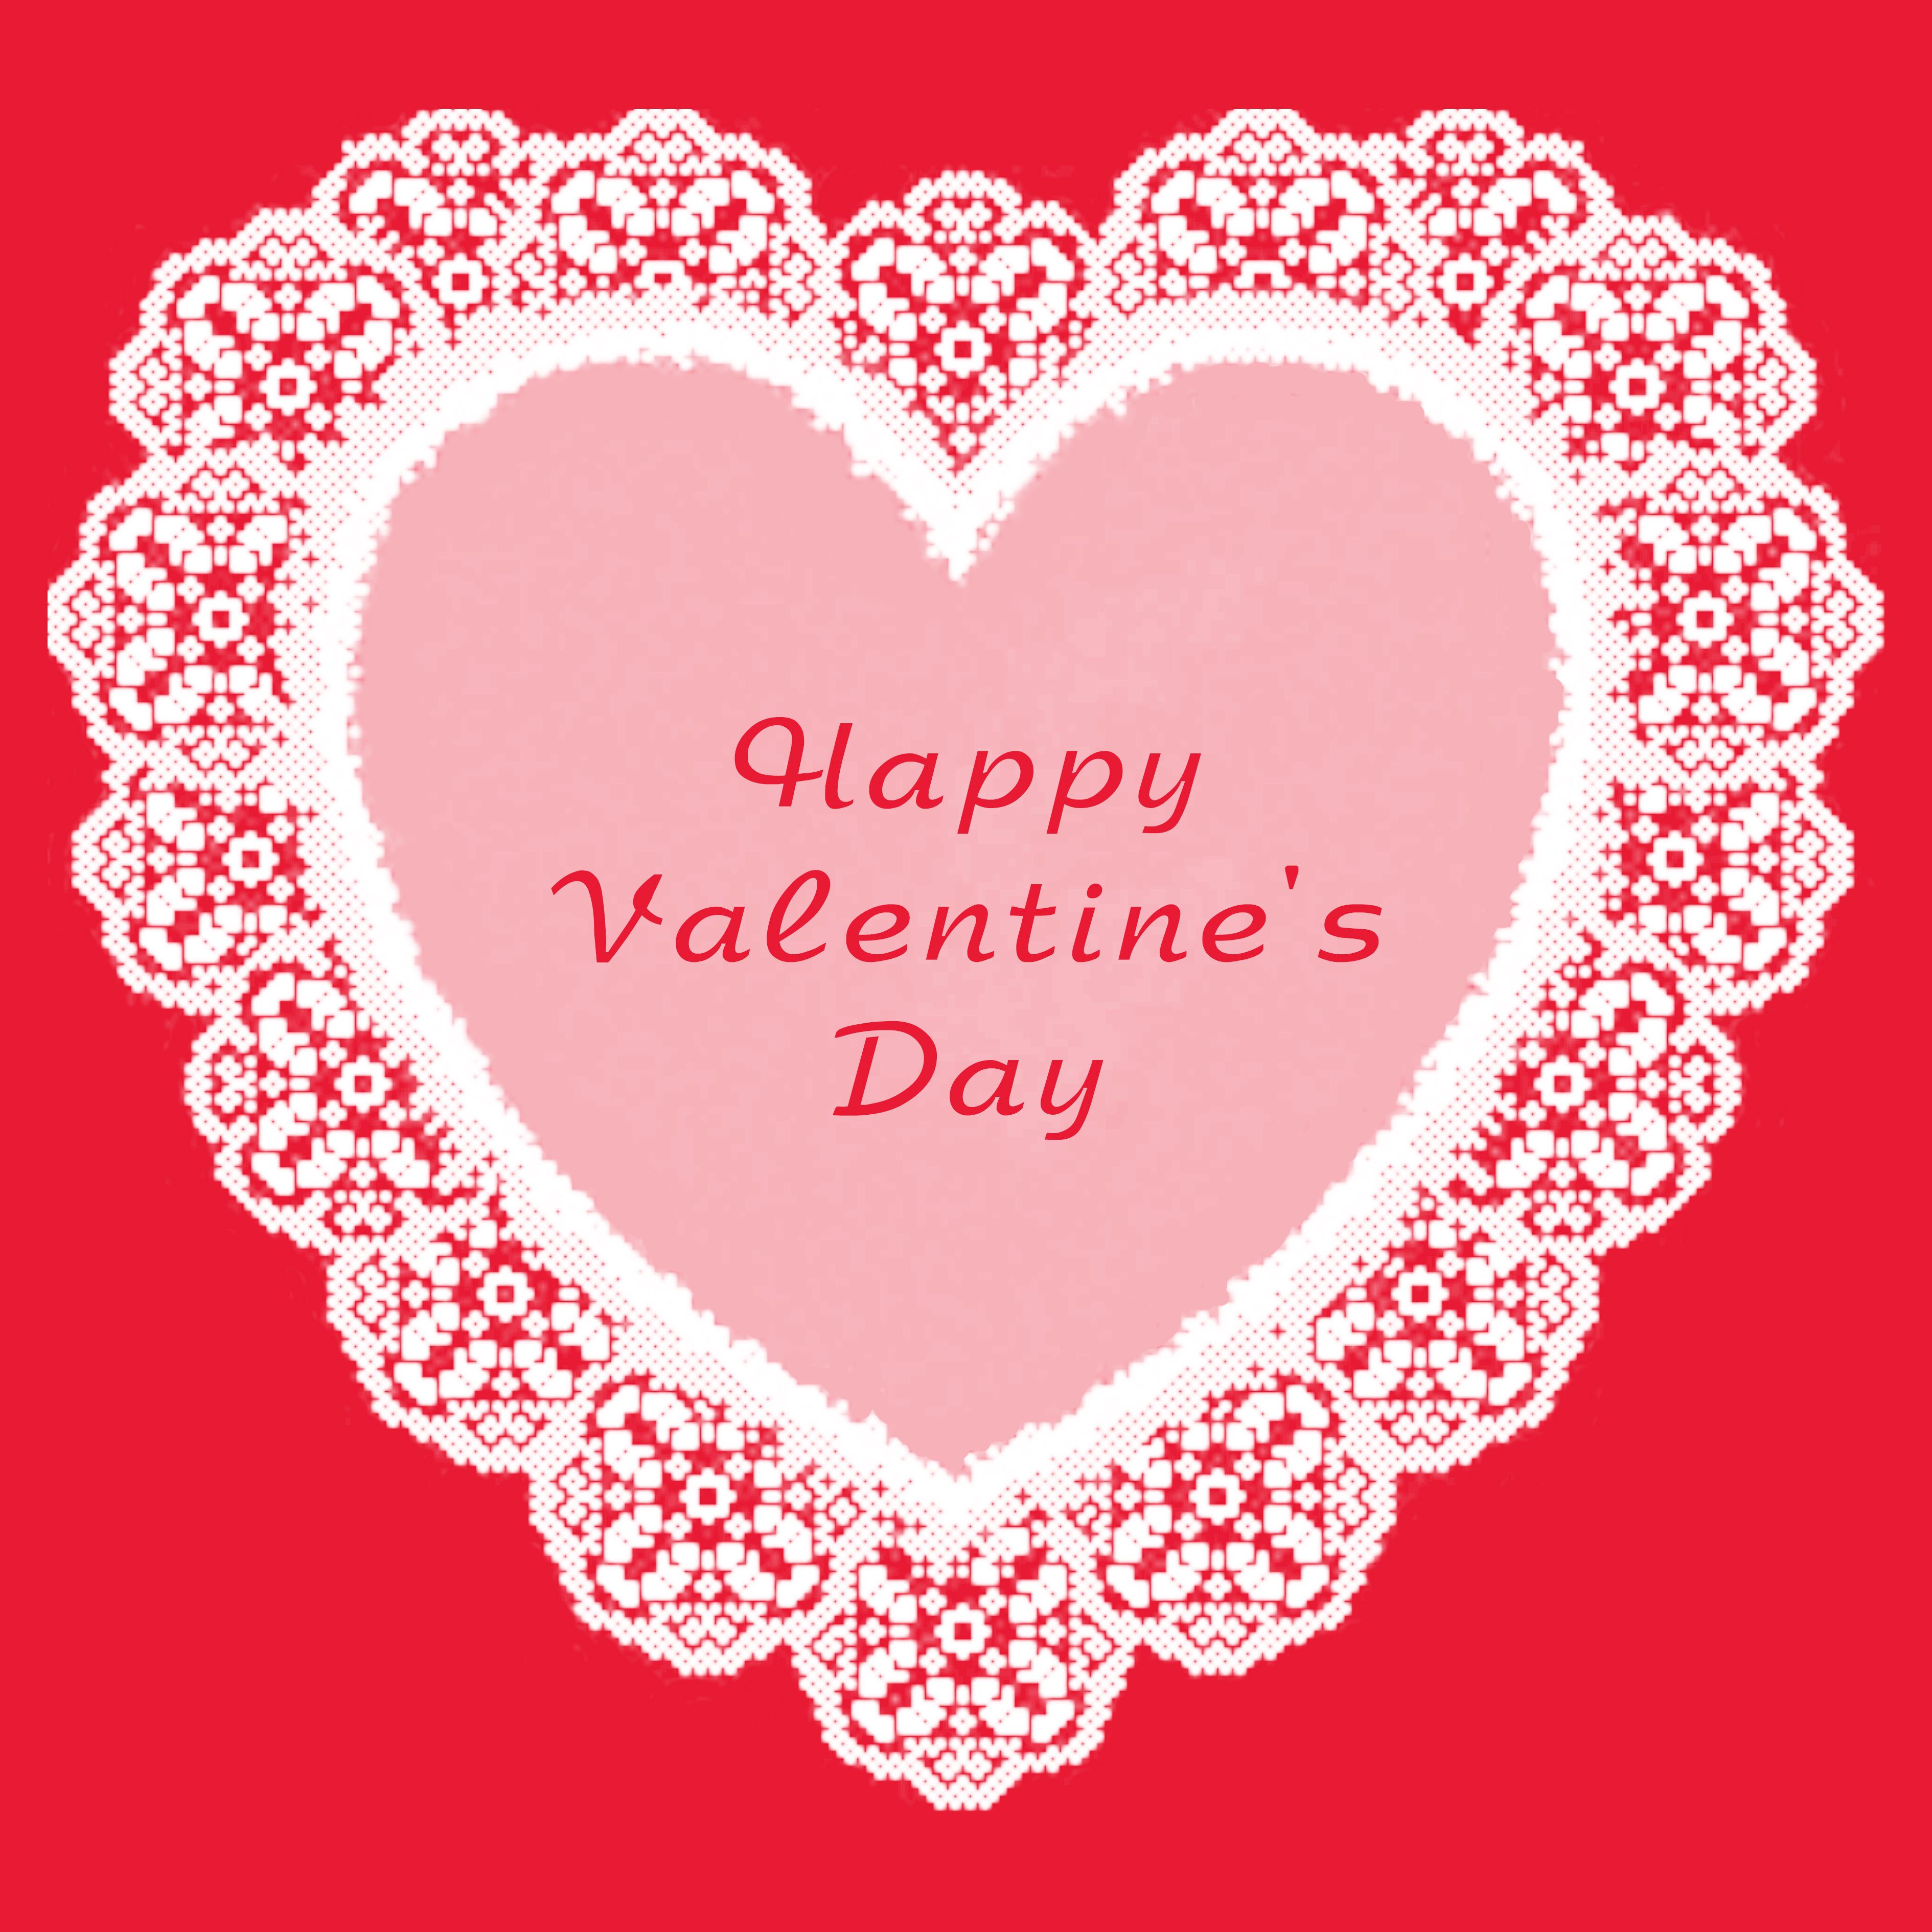 Поздравления с днем Святого Валентина - Поздравок 86